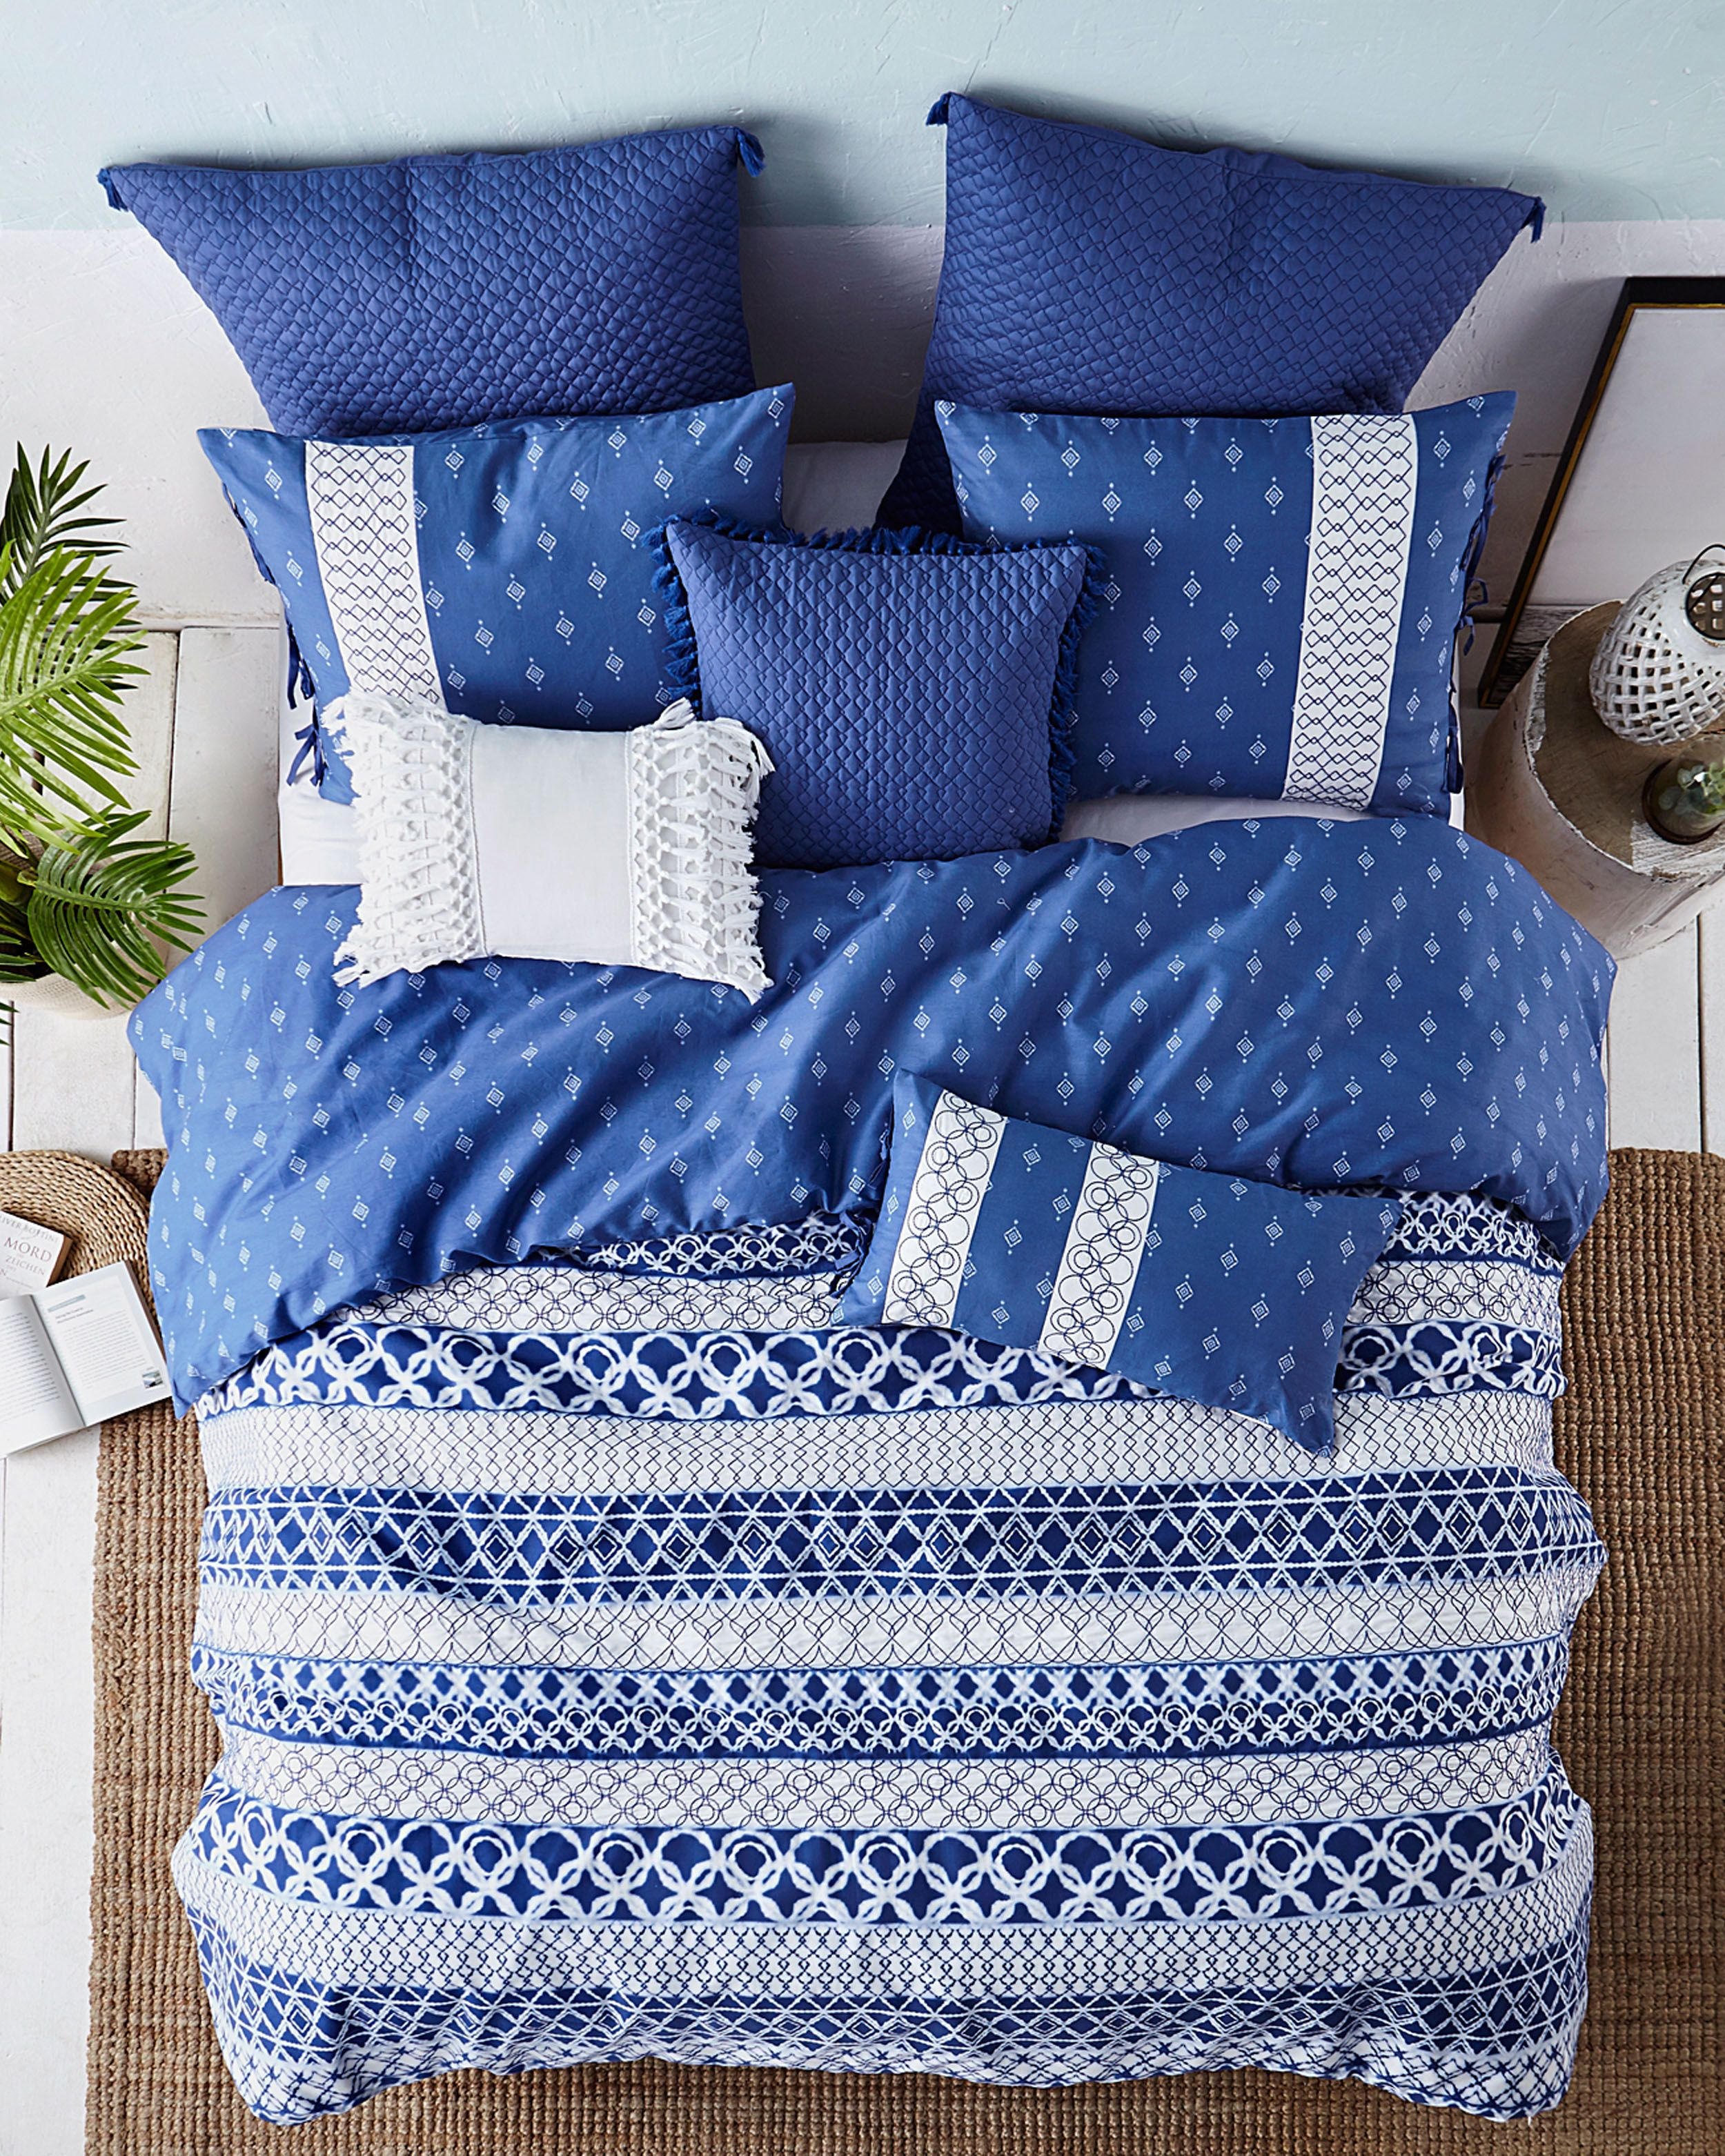 Shibori Stripe Cotton Comforter Set in Blue Cotton